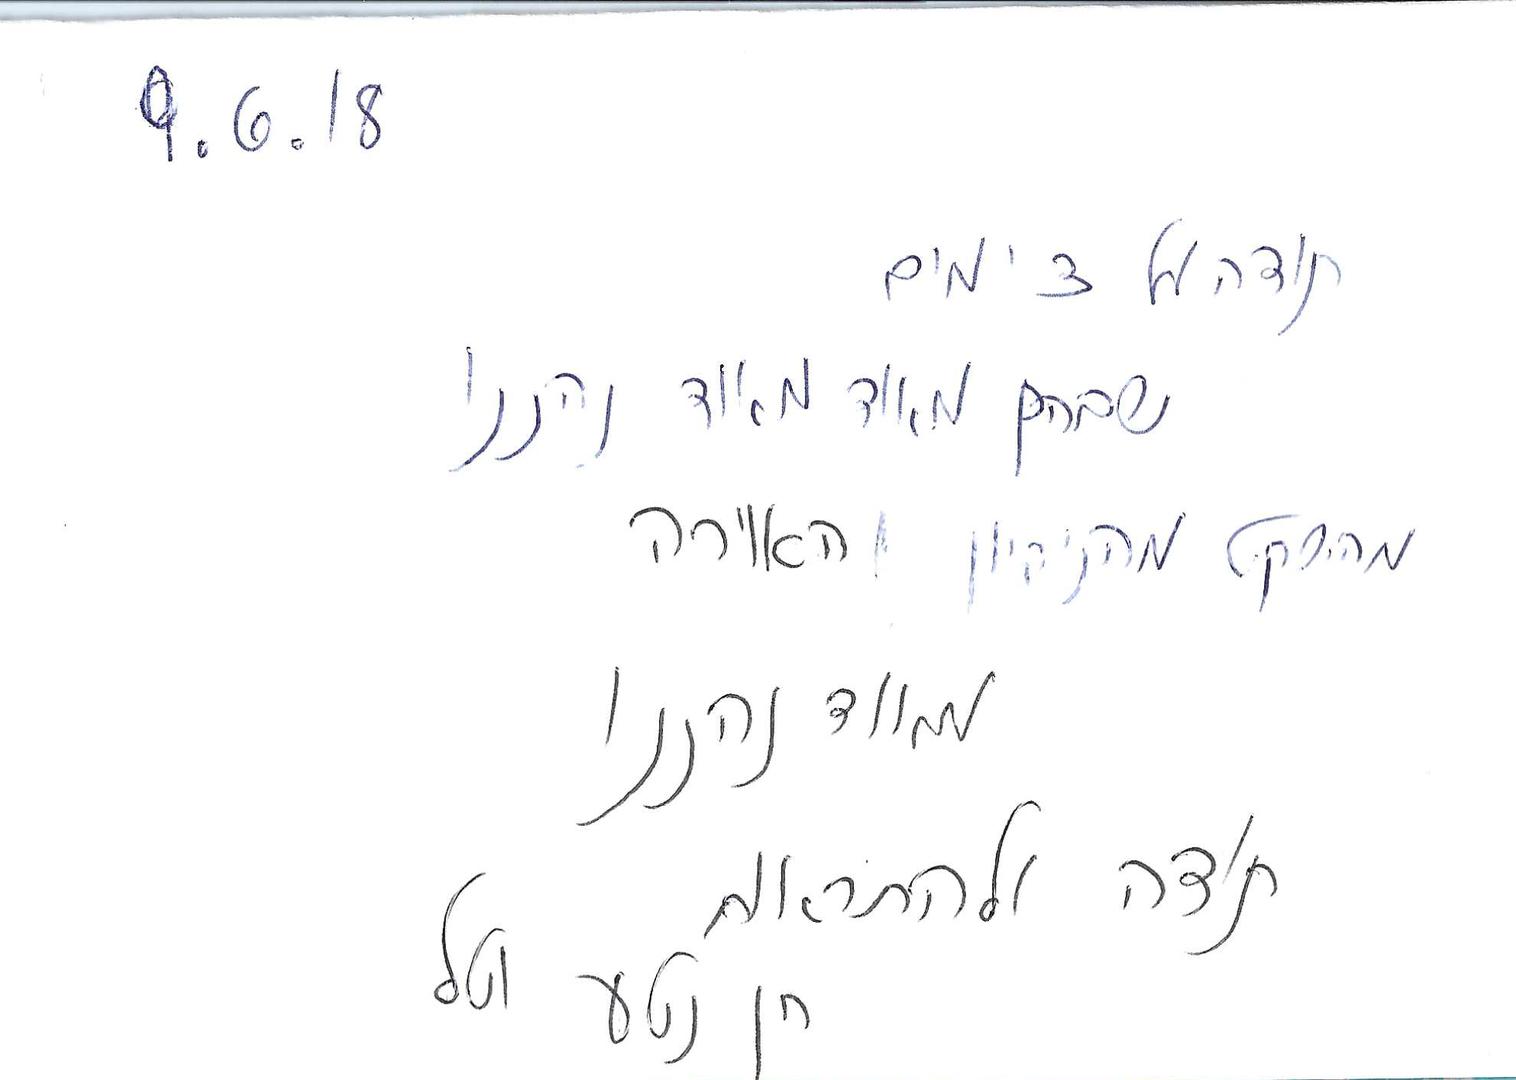 המלצה-על-מנלון-בוטיק-קאמי-01.png